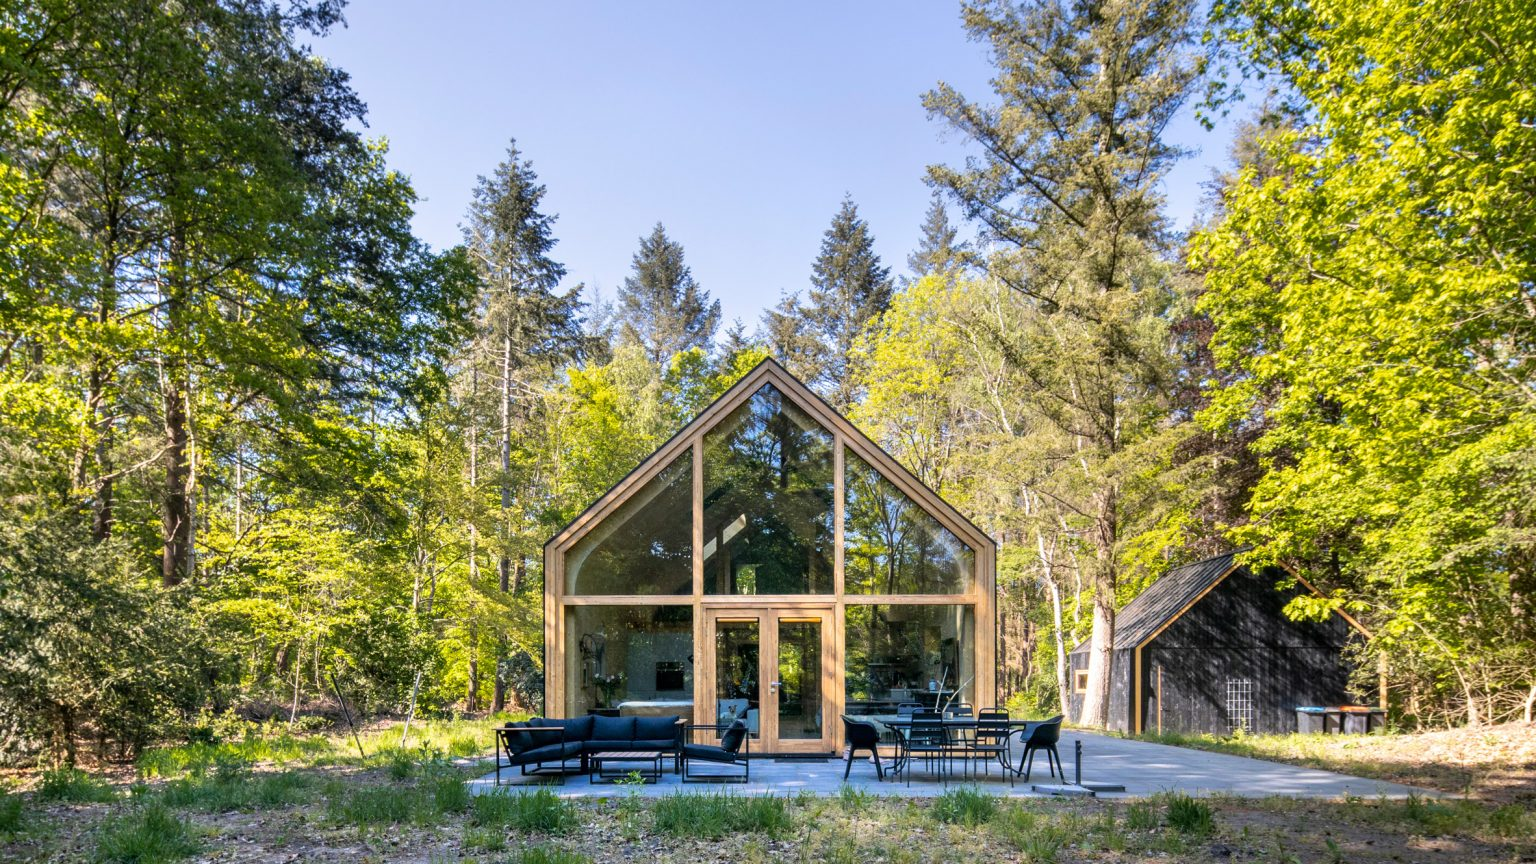 Uma casa de madeira pré-fabricada perfeita para viver no campo ou cidade